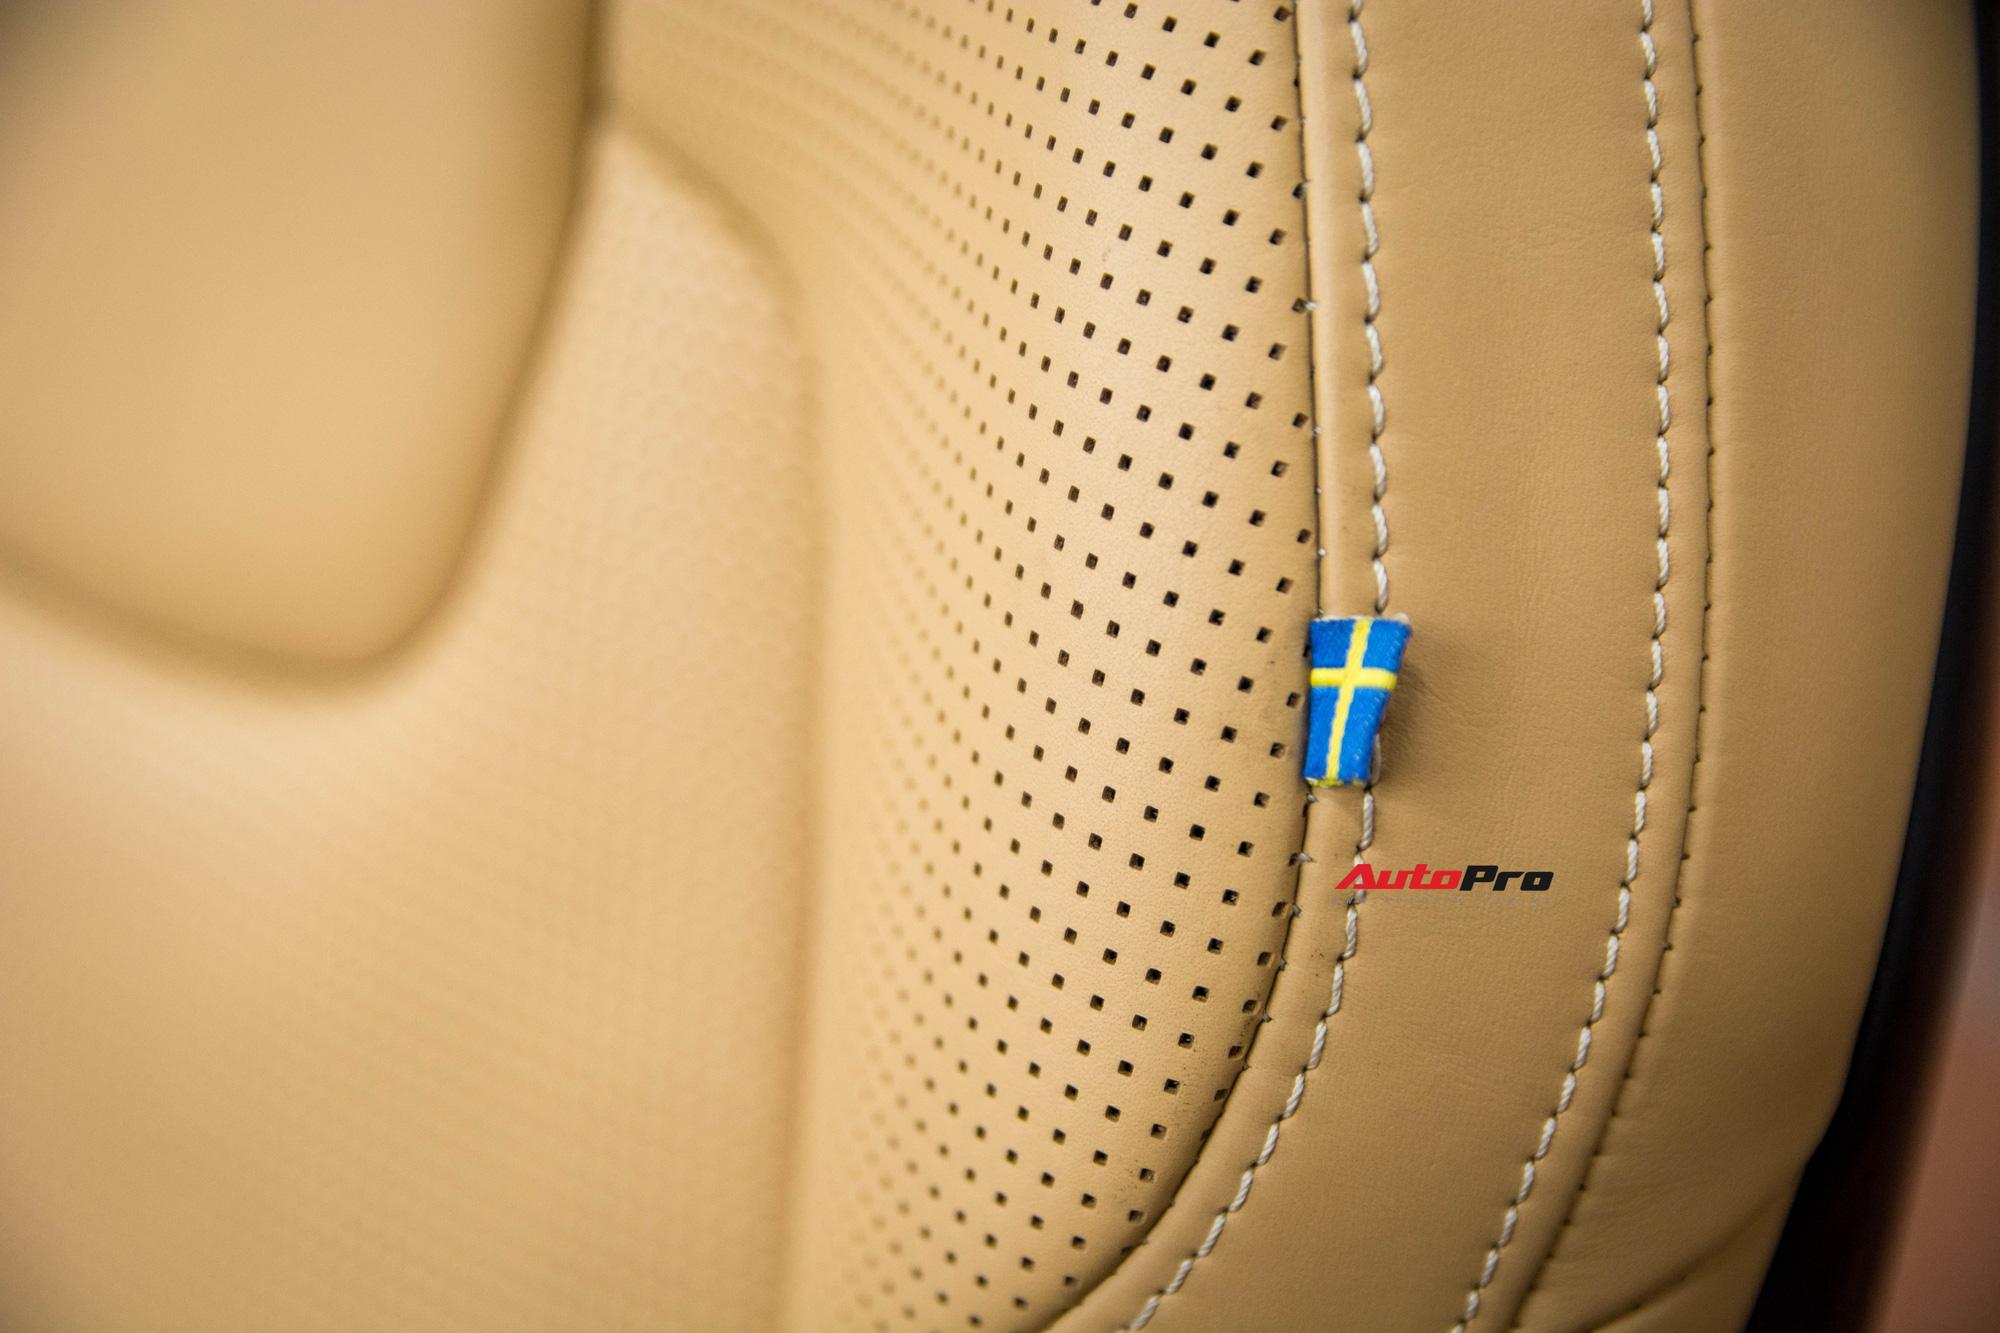 Tuỳ thuộc độ mới của ghế hay phiên bản mà mức giá sẽ khác nhau.